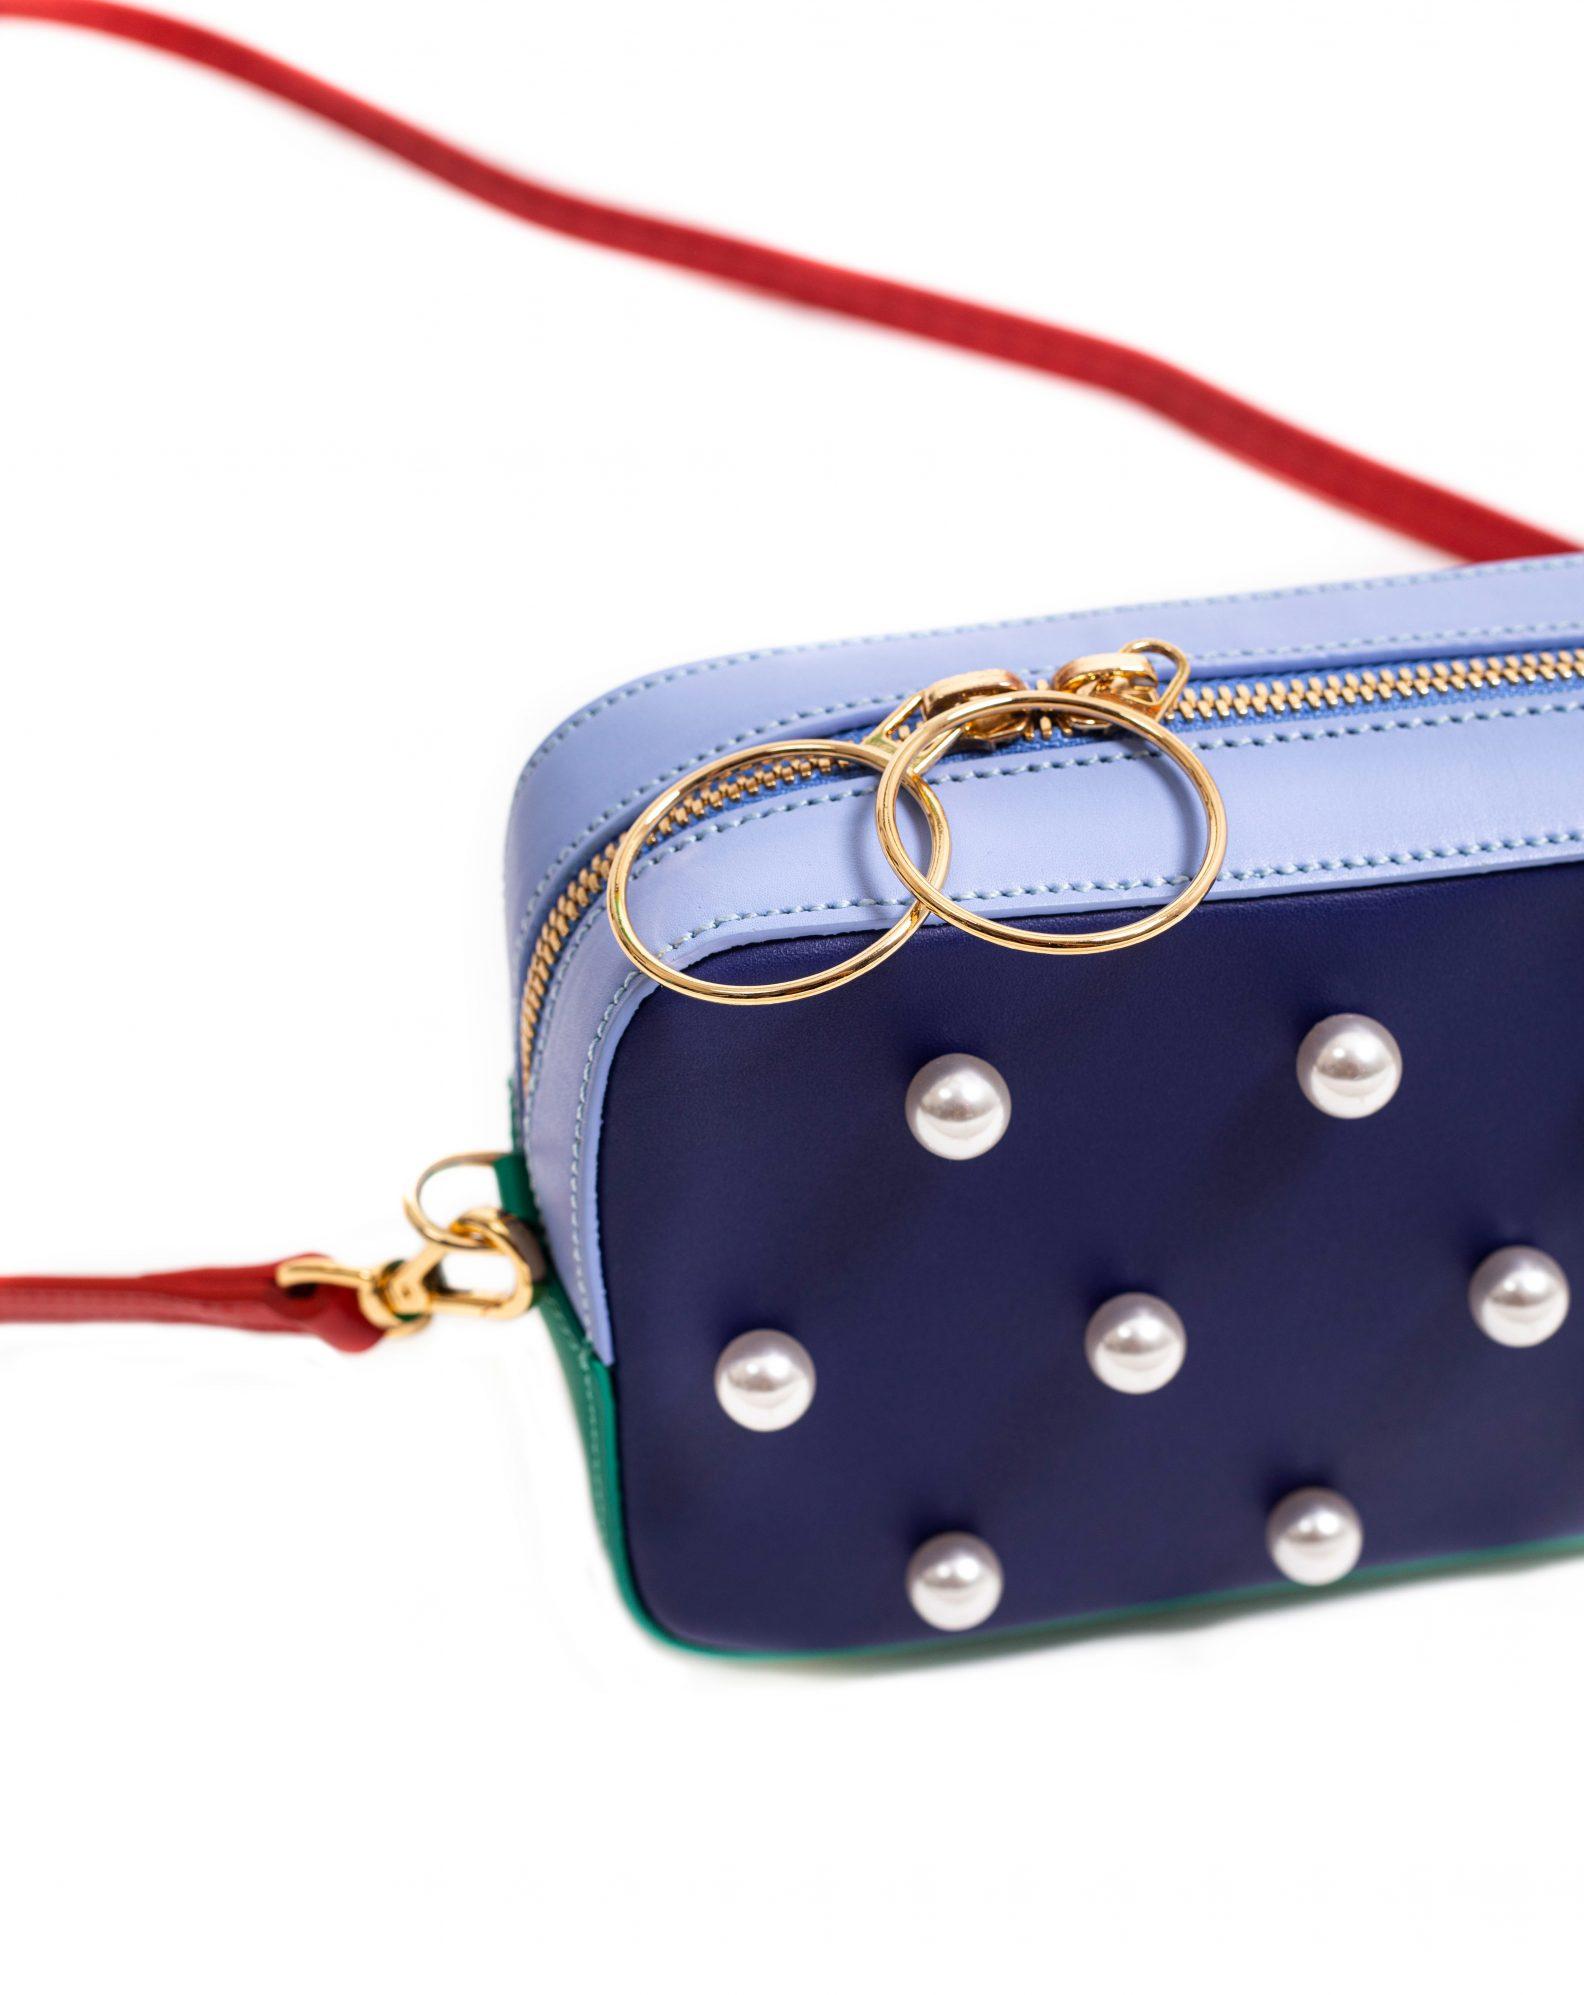 petit-sac-cuir-rectangulaire-collector-eenk-slow-fashion-leather-bag-affaires-etrangeres-bijou-multicolore